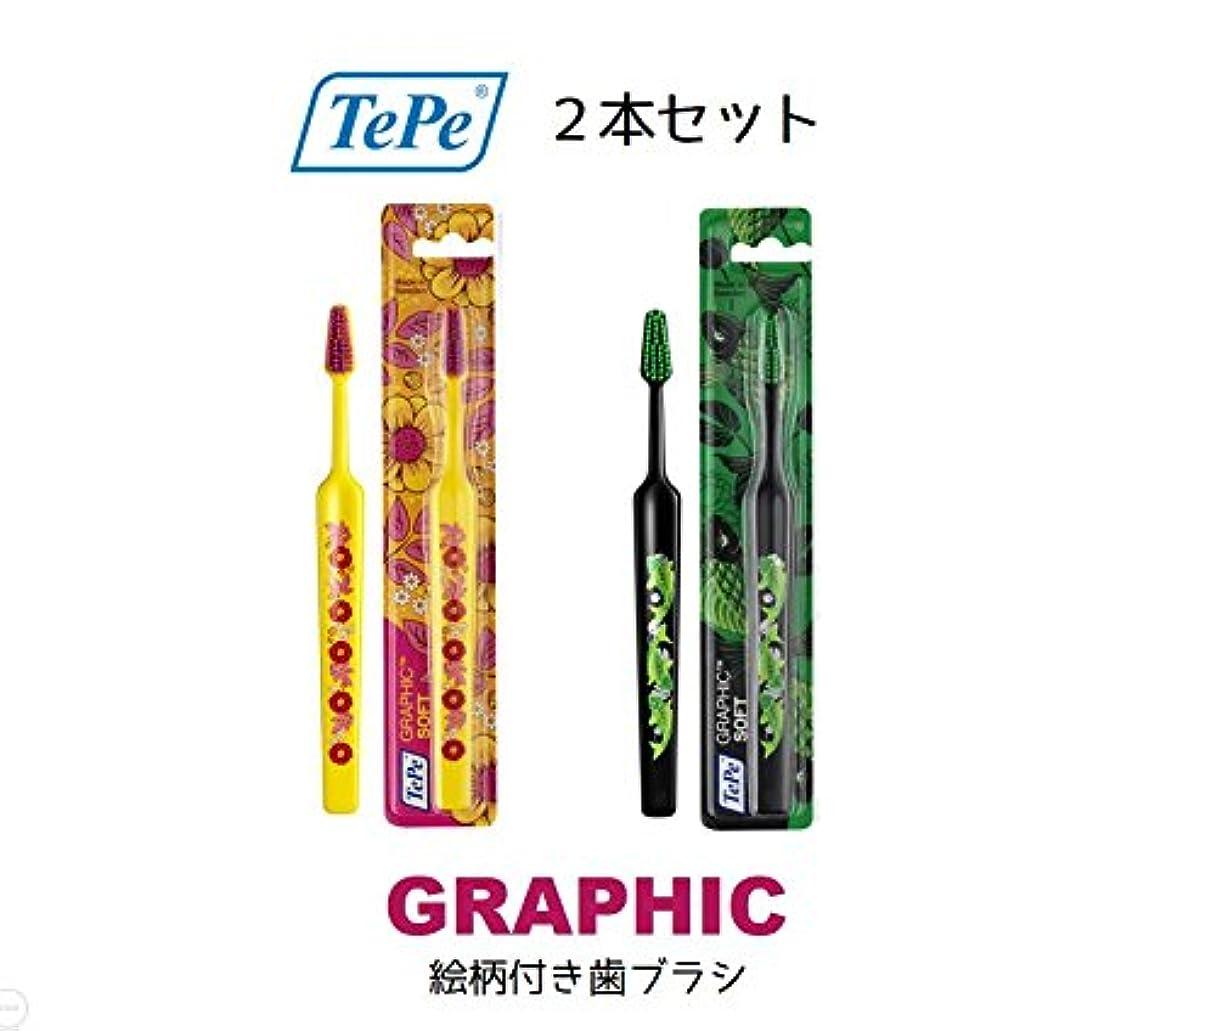 発送他の日戦略テペ グラフィック ソフト 2本セット TePe Graphic soft (ミックス)